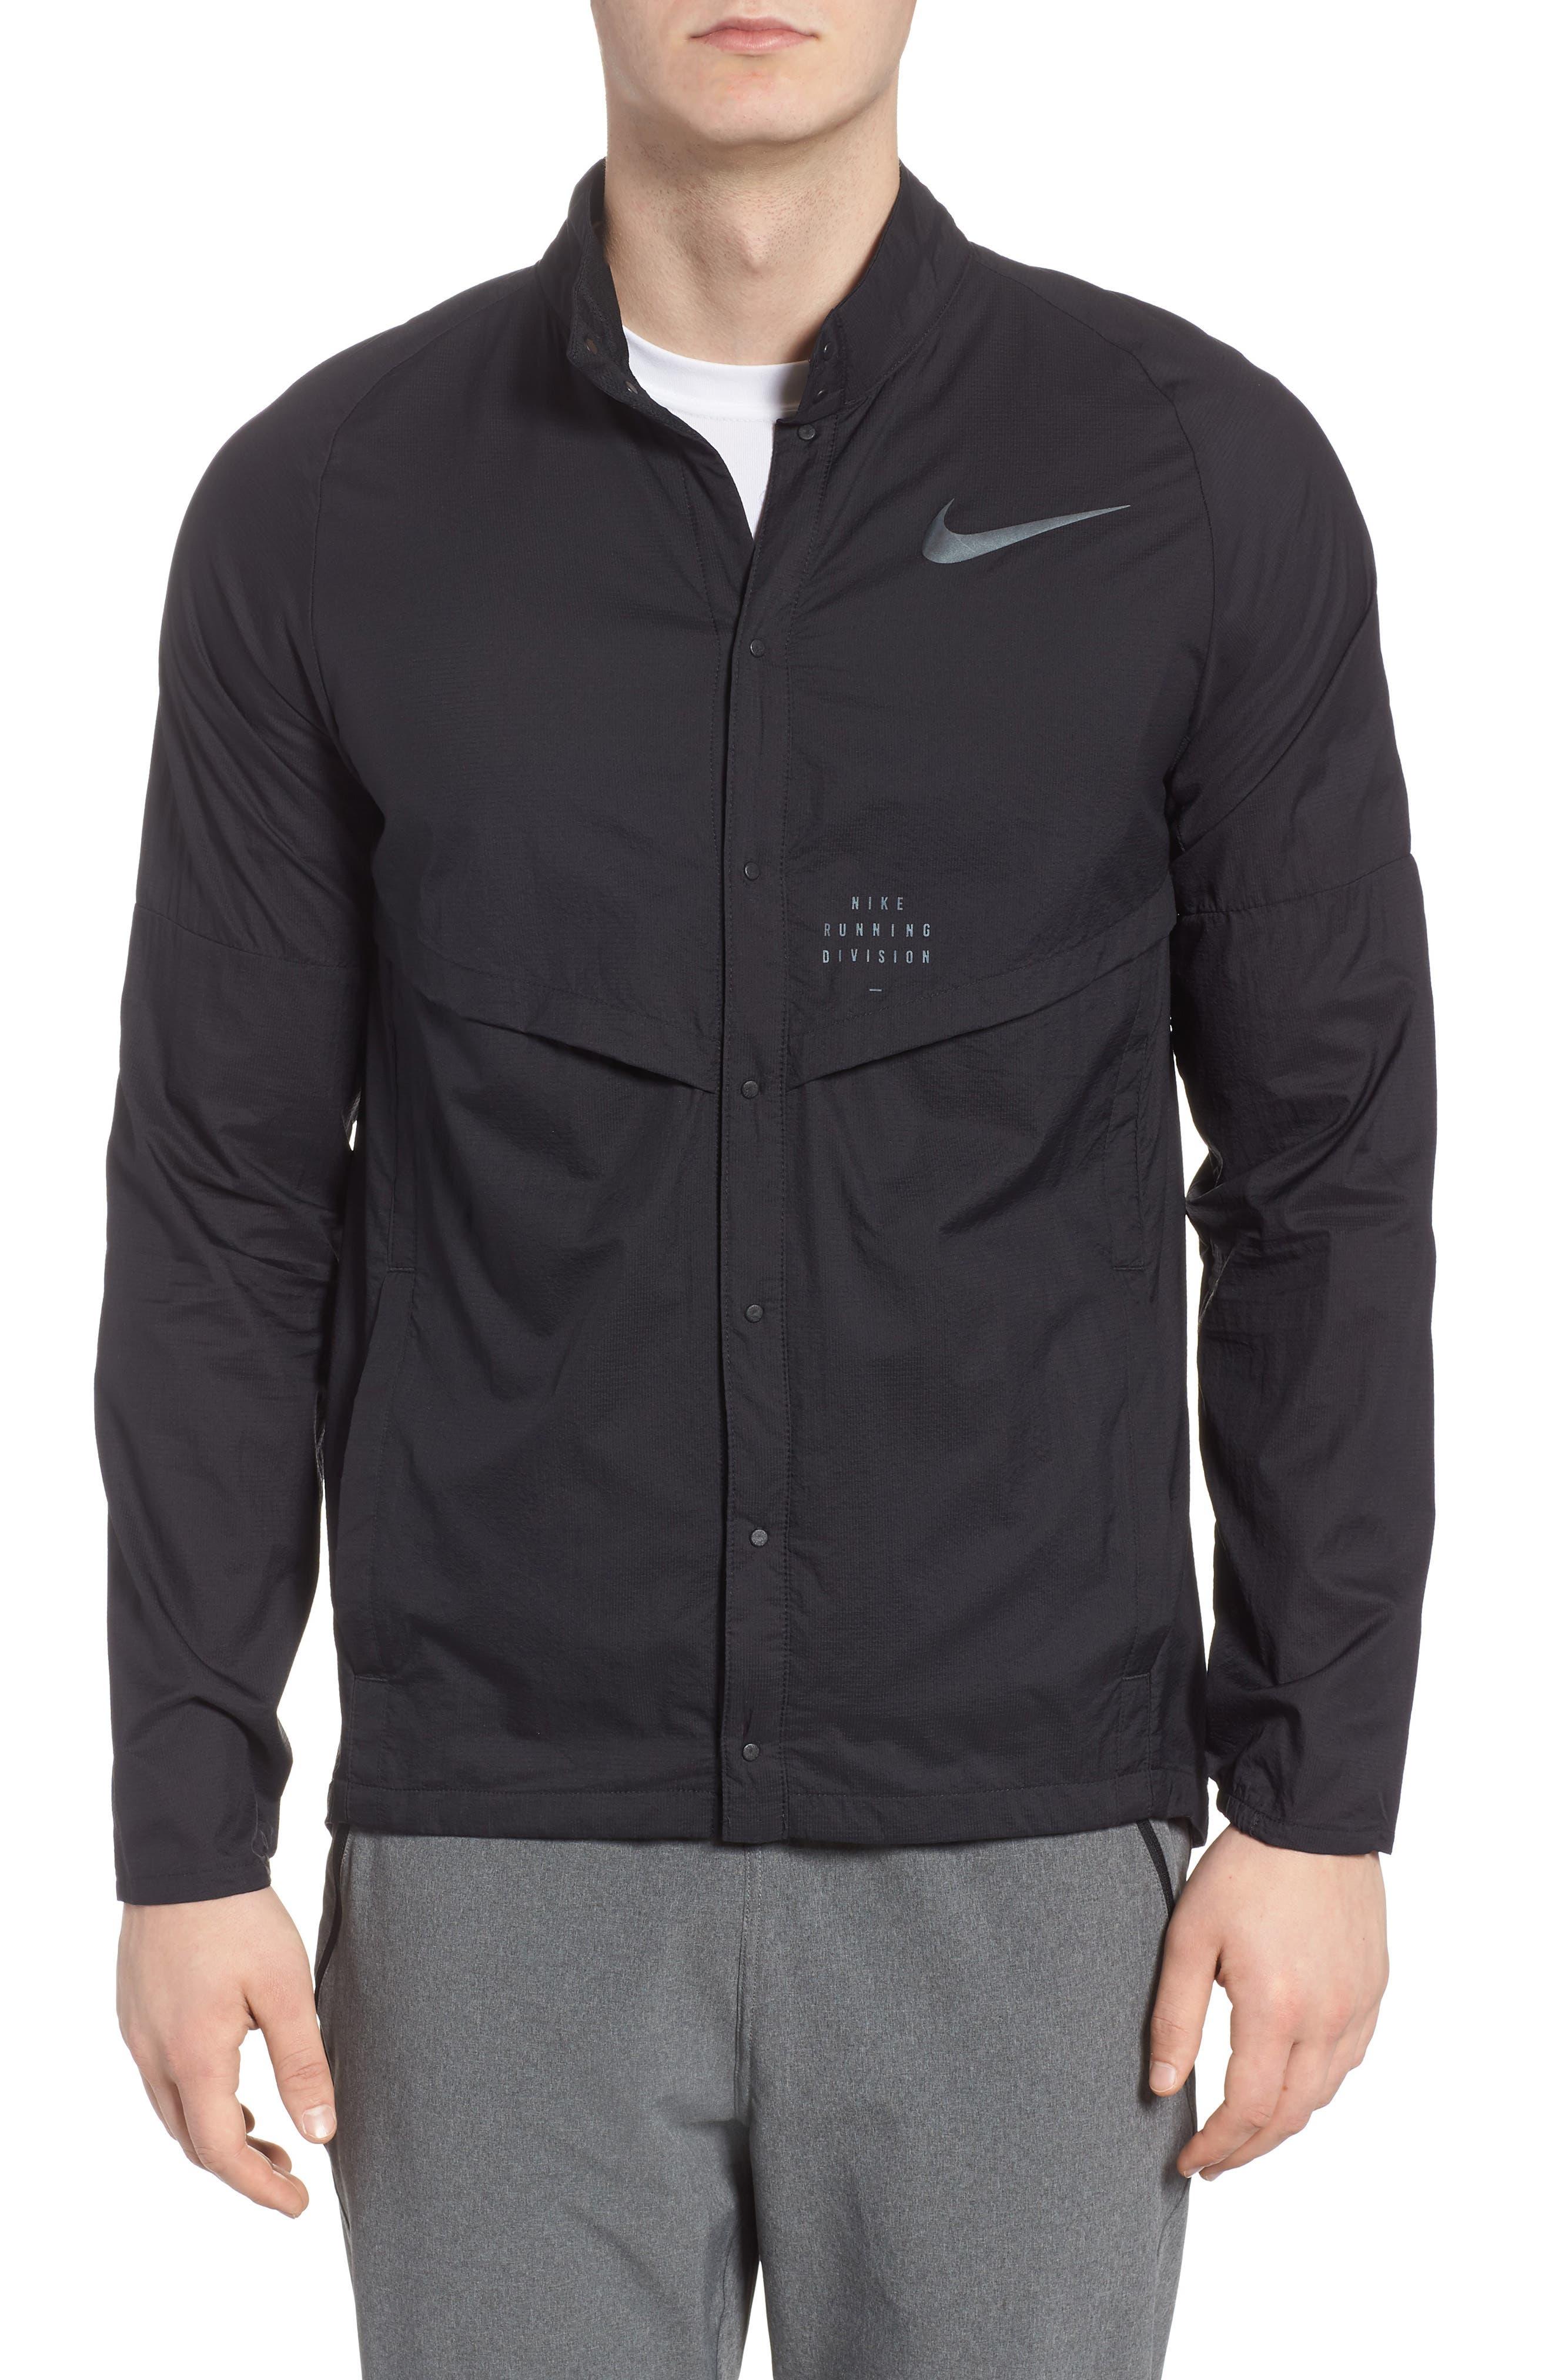 Run Division Jacket,                         Main,                         color, Black